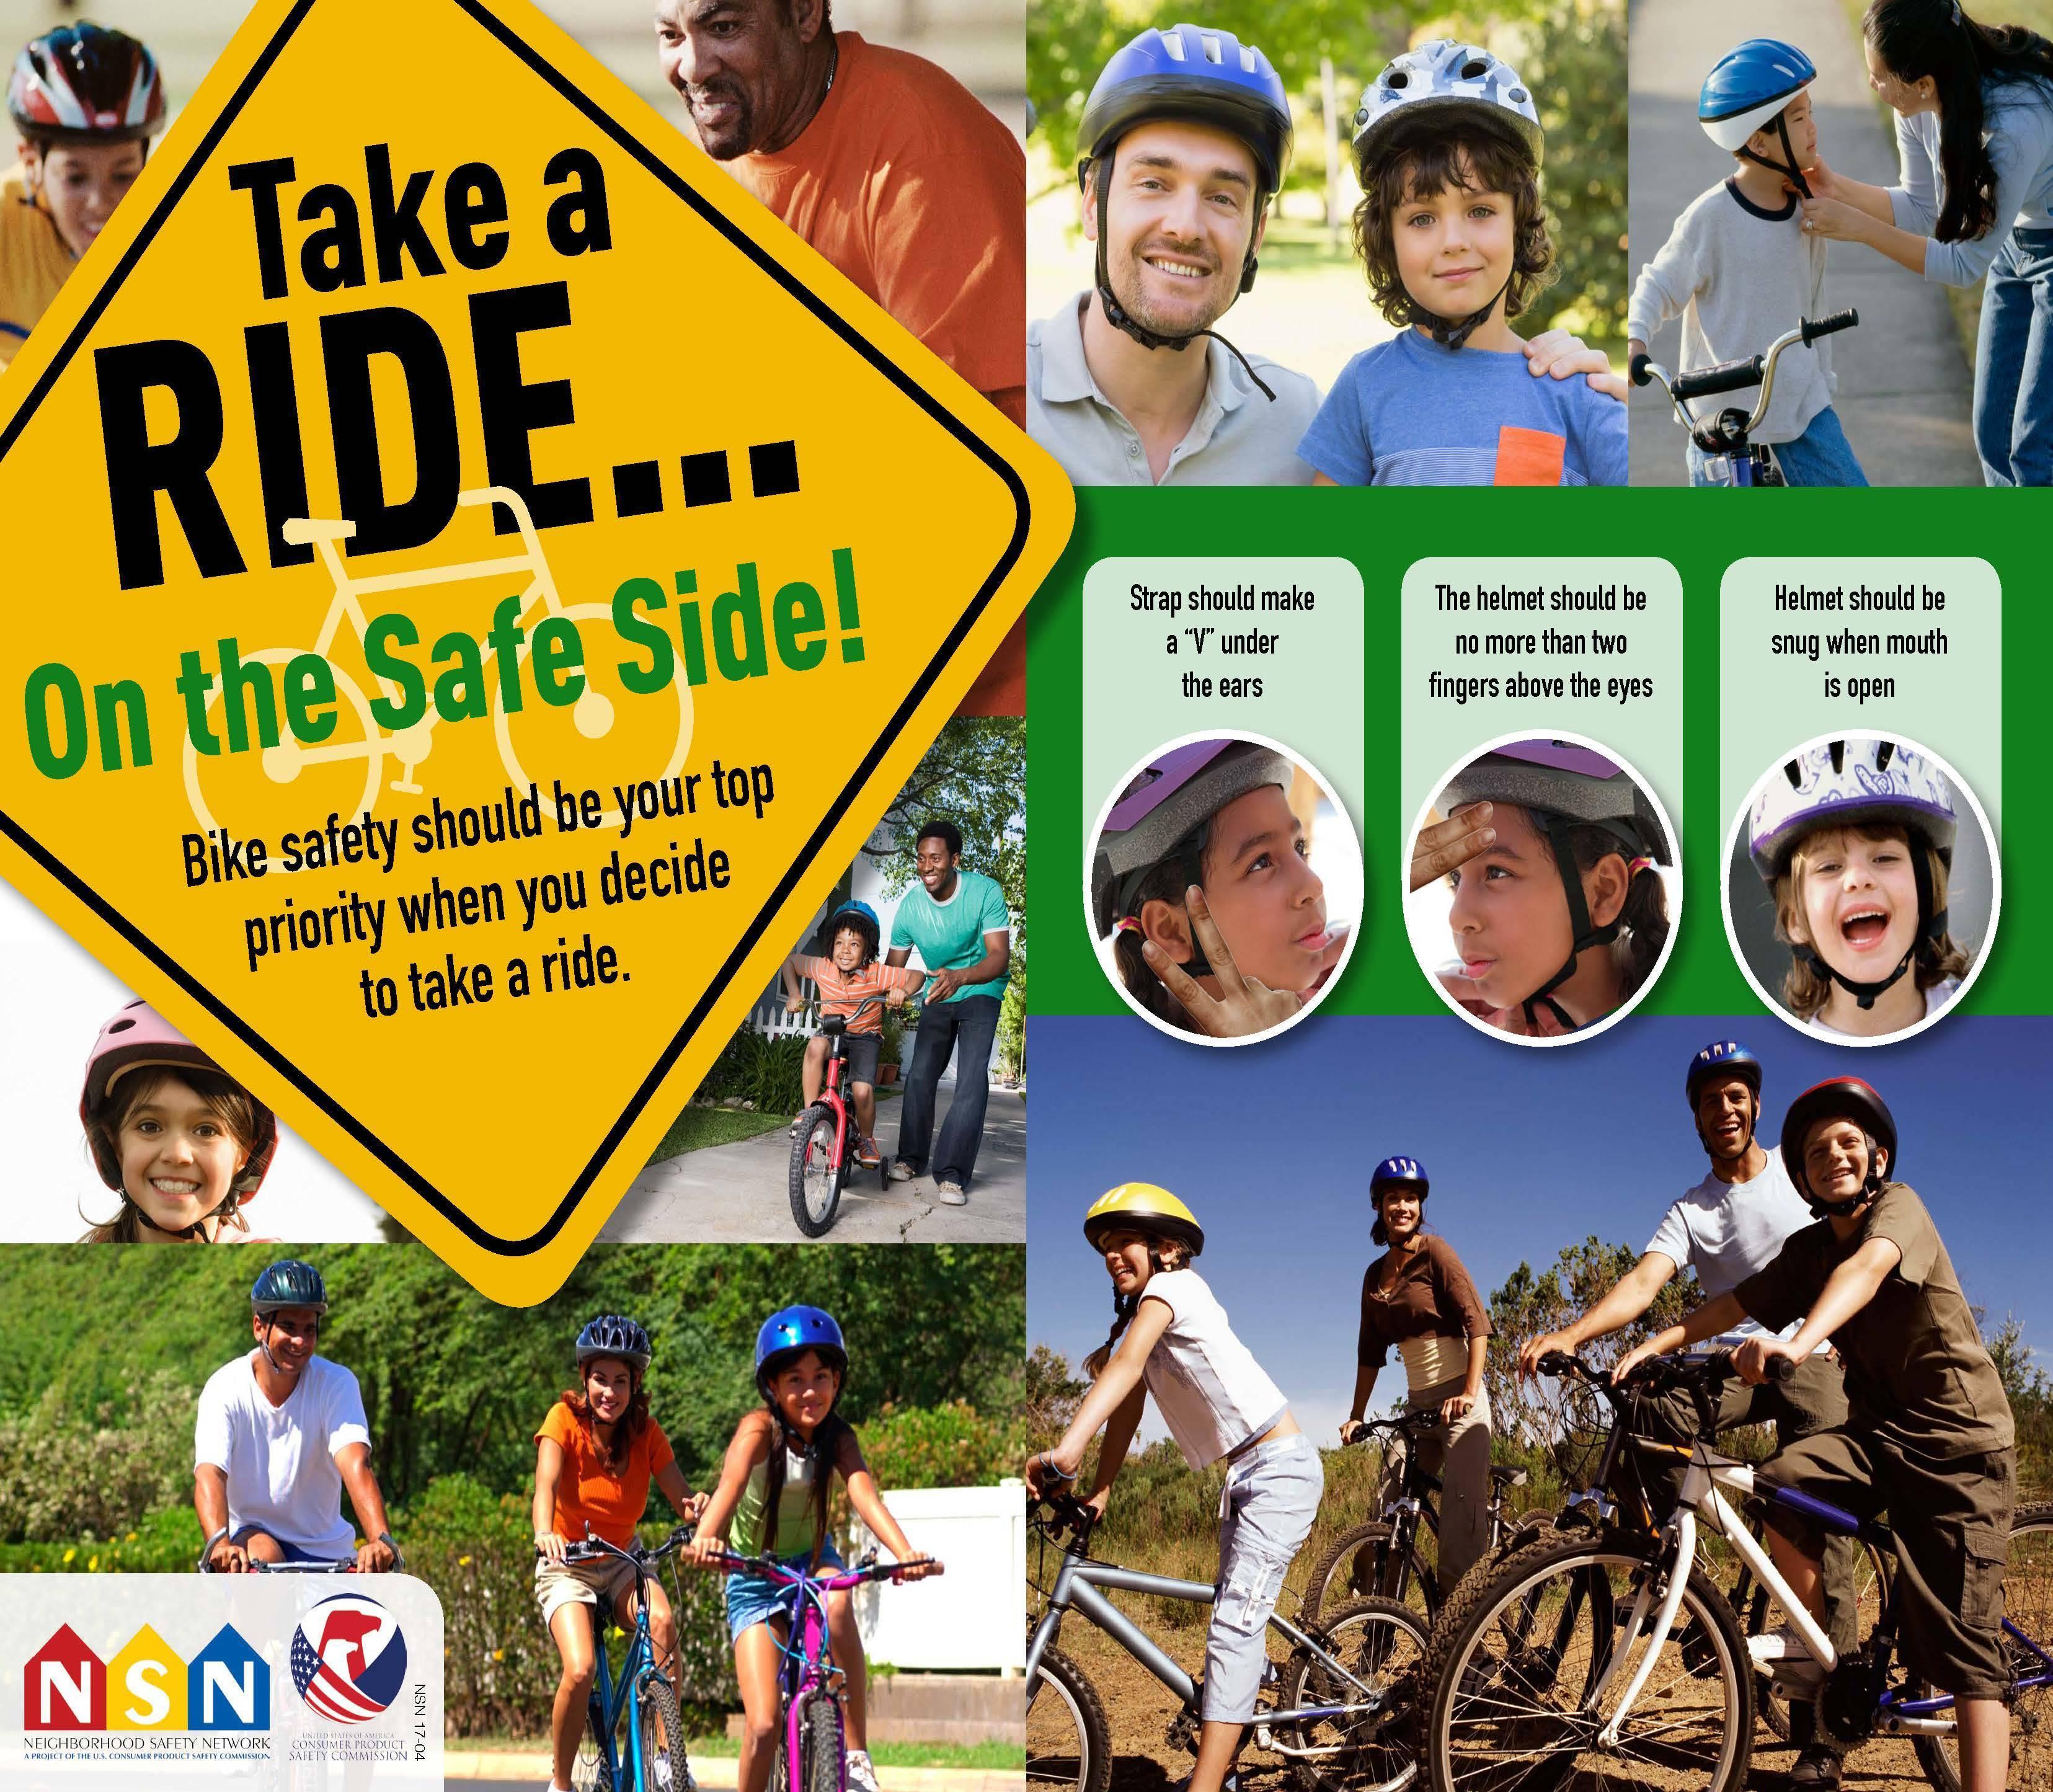 80acf0afbeae6b4f3d26_Bike_Safety_via_USCPSC.jpg